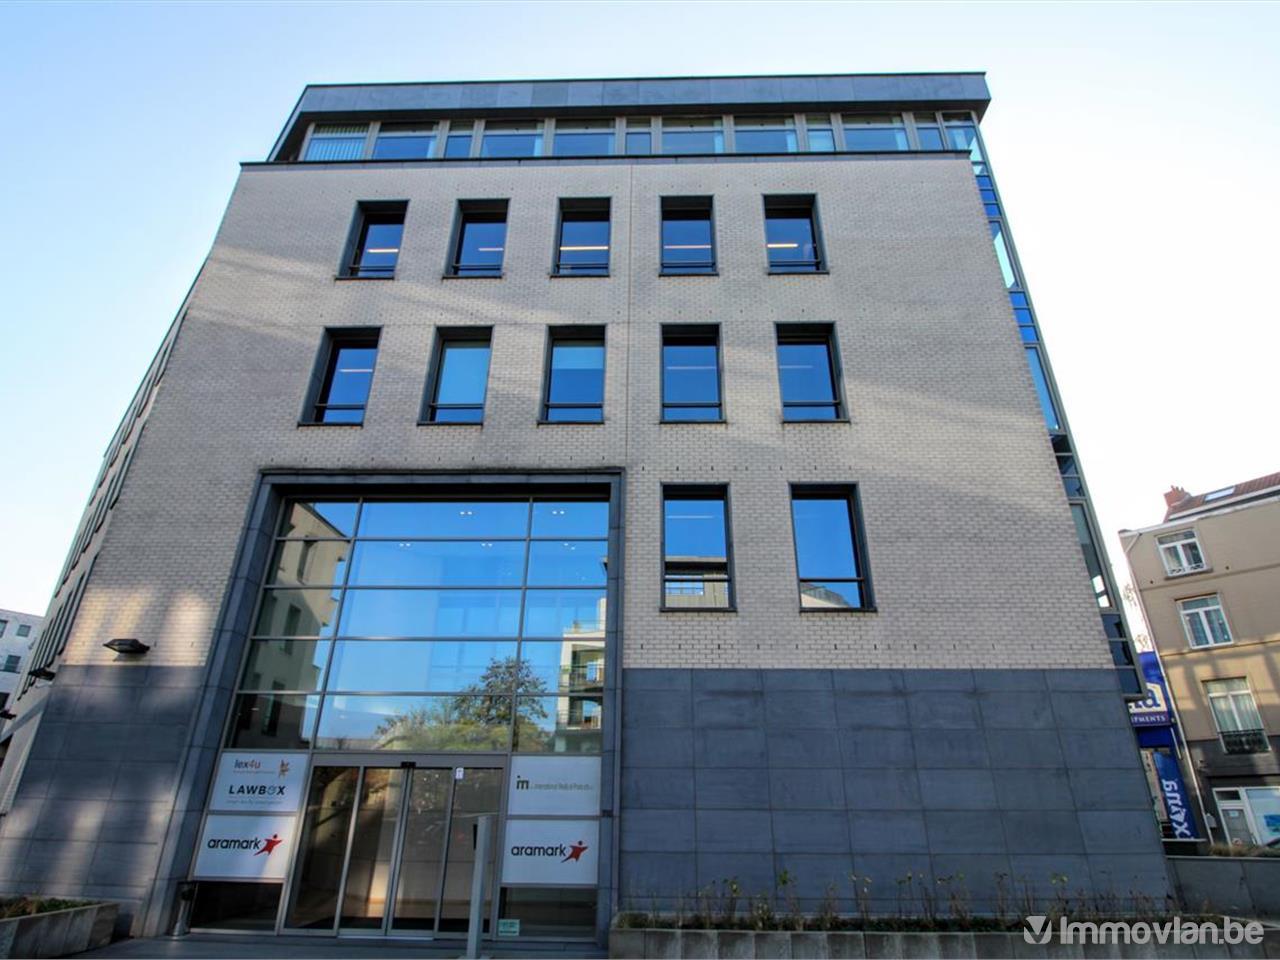 Le Bureau Wavre : Business space in chaussée de wavre oudergem